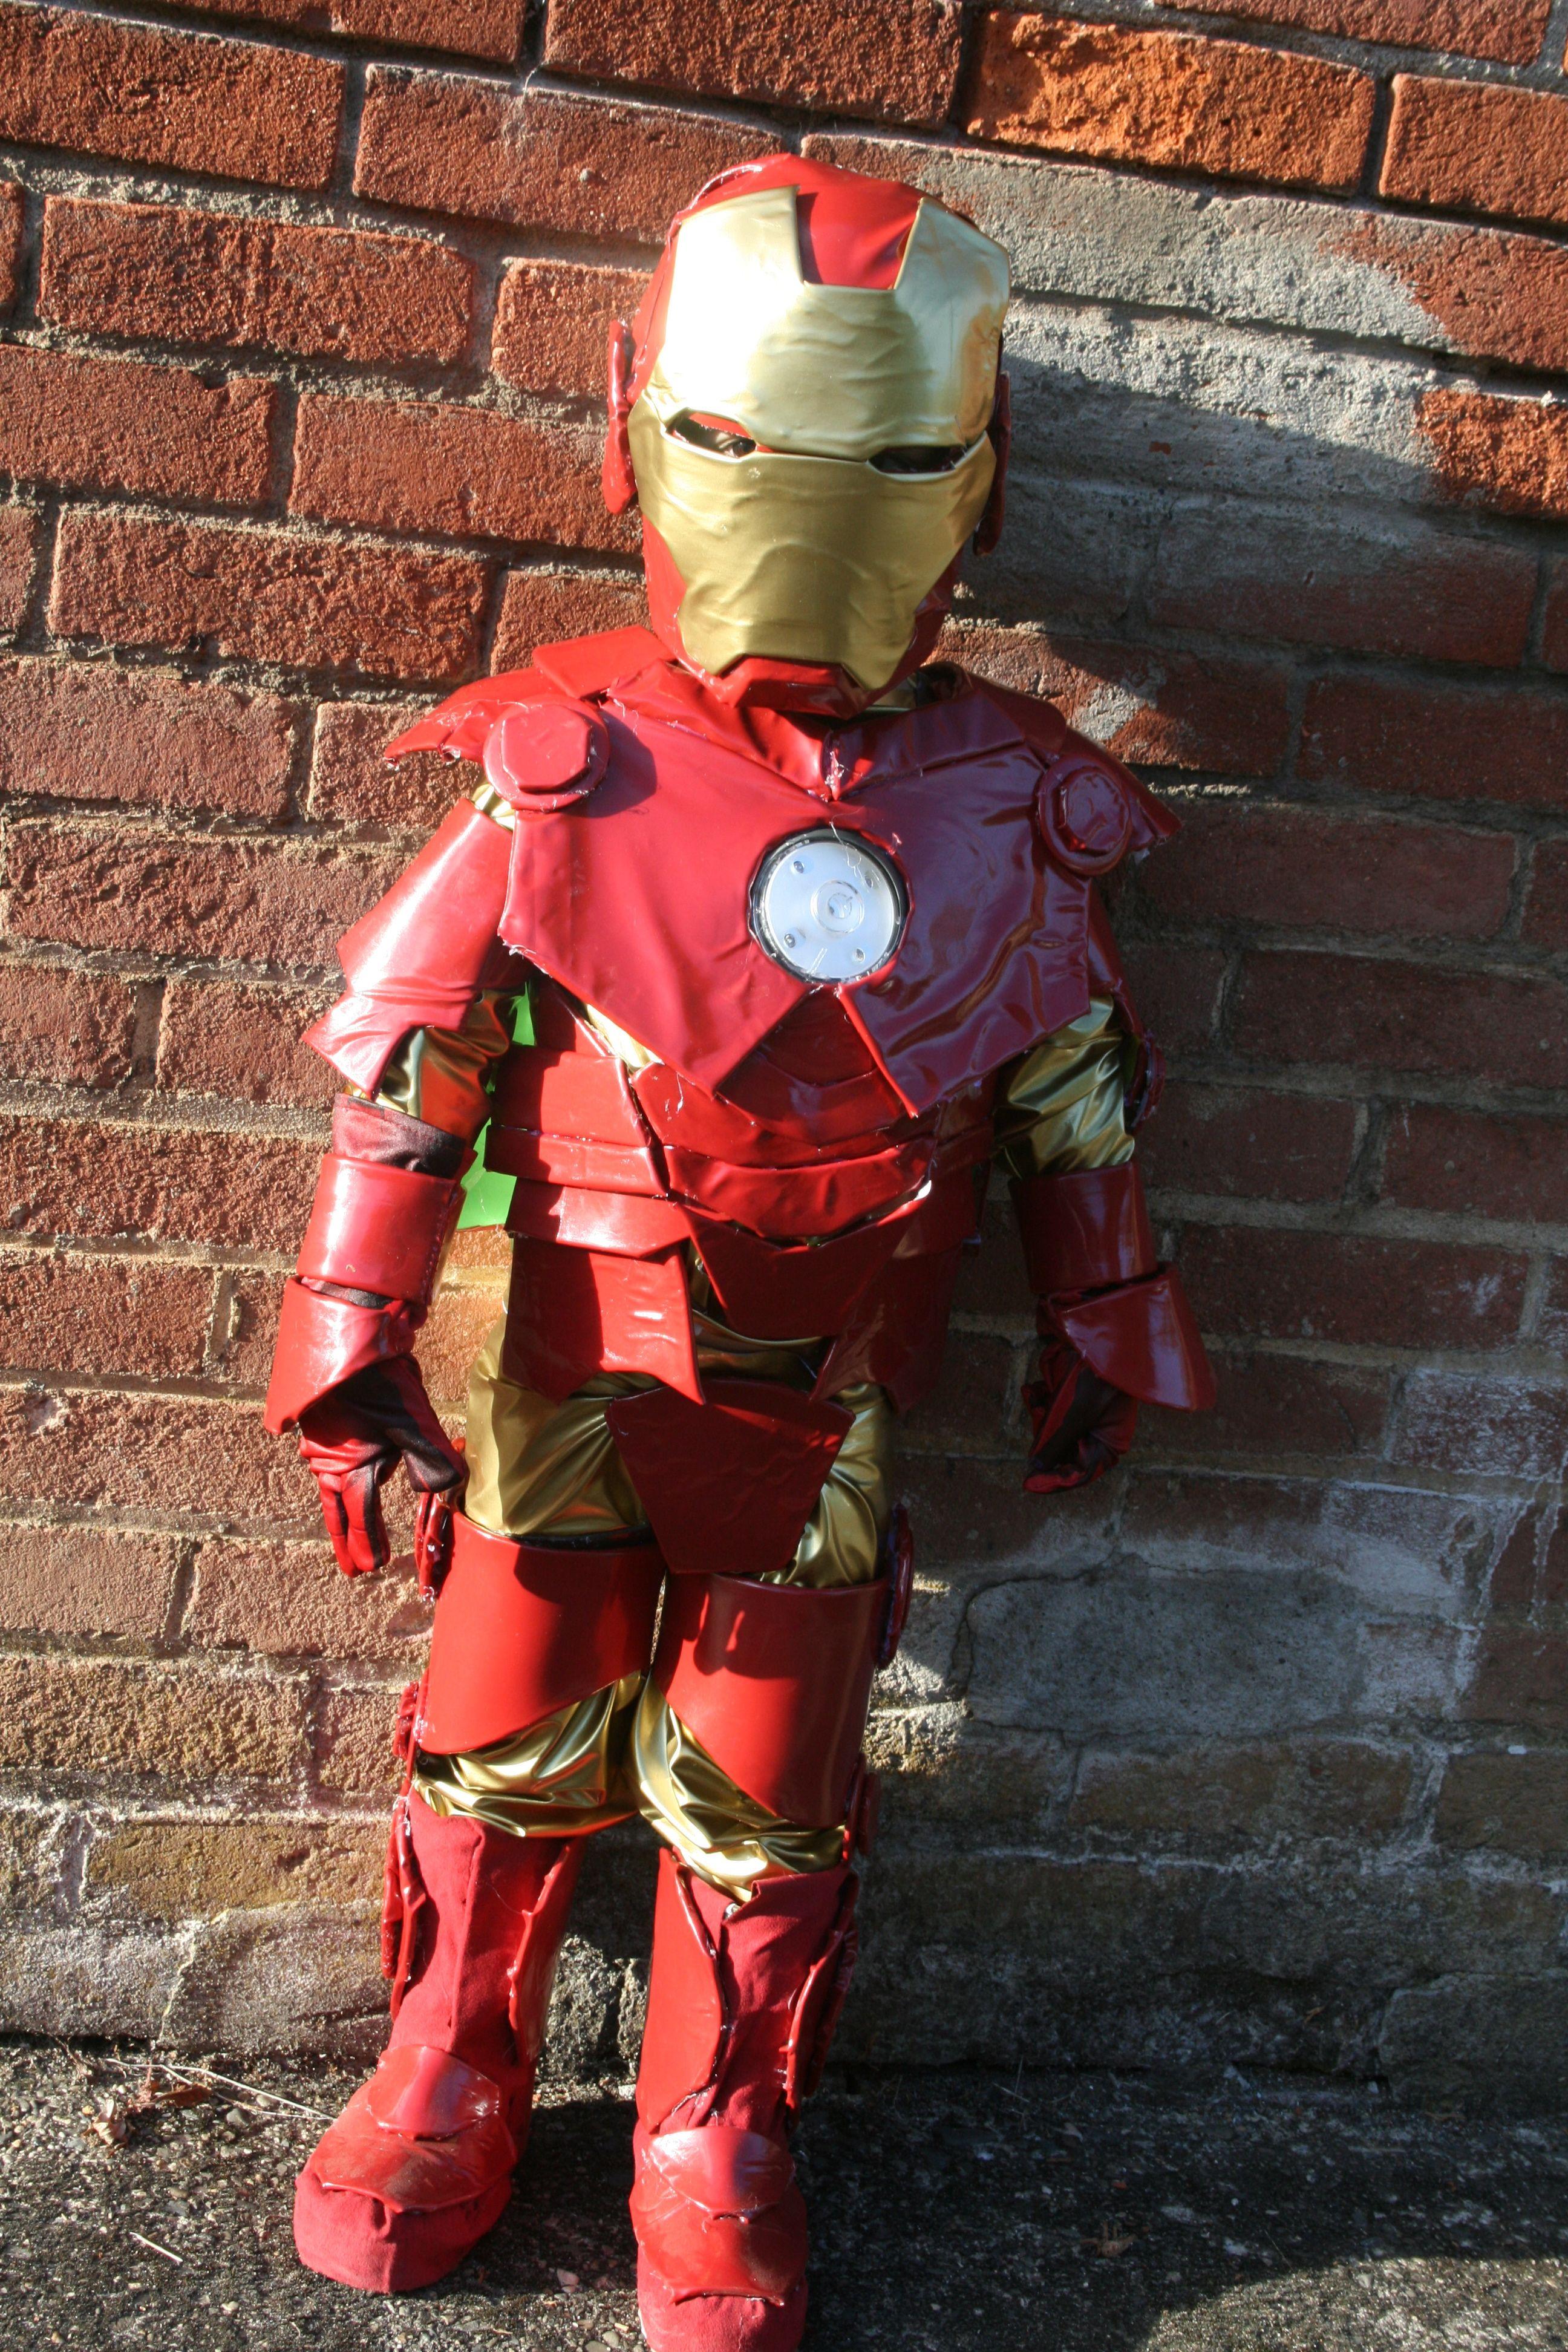 Homemade Ironman costume - Iron man, Halloween costumes, Costumes